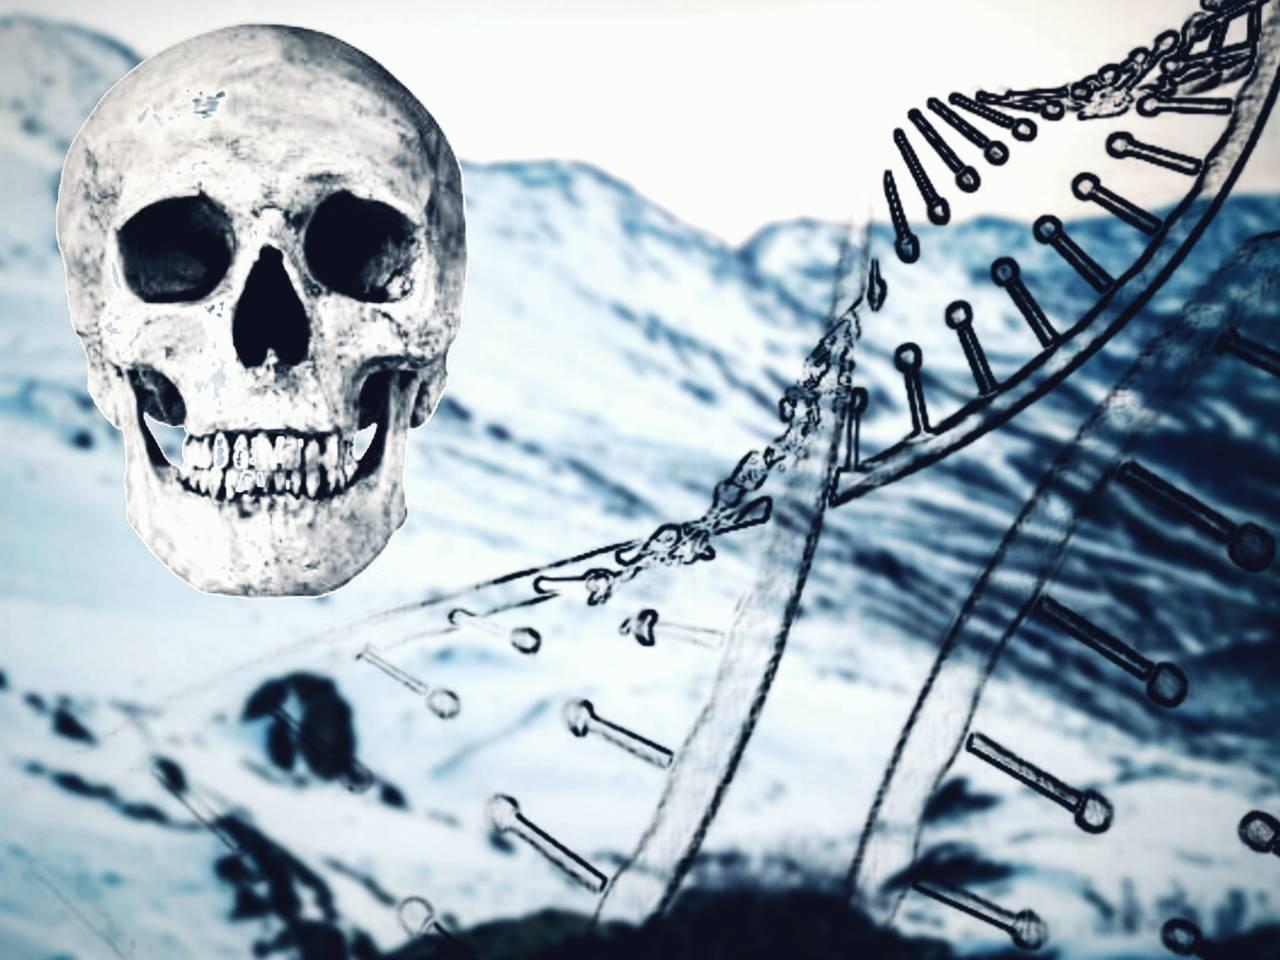 Mysterious Roopkund Lake - Het meer vol skeletten 9